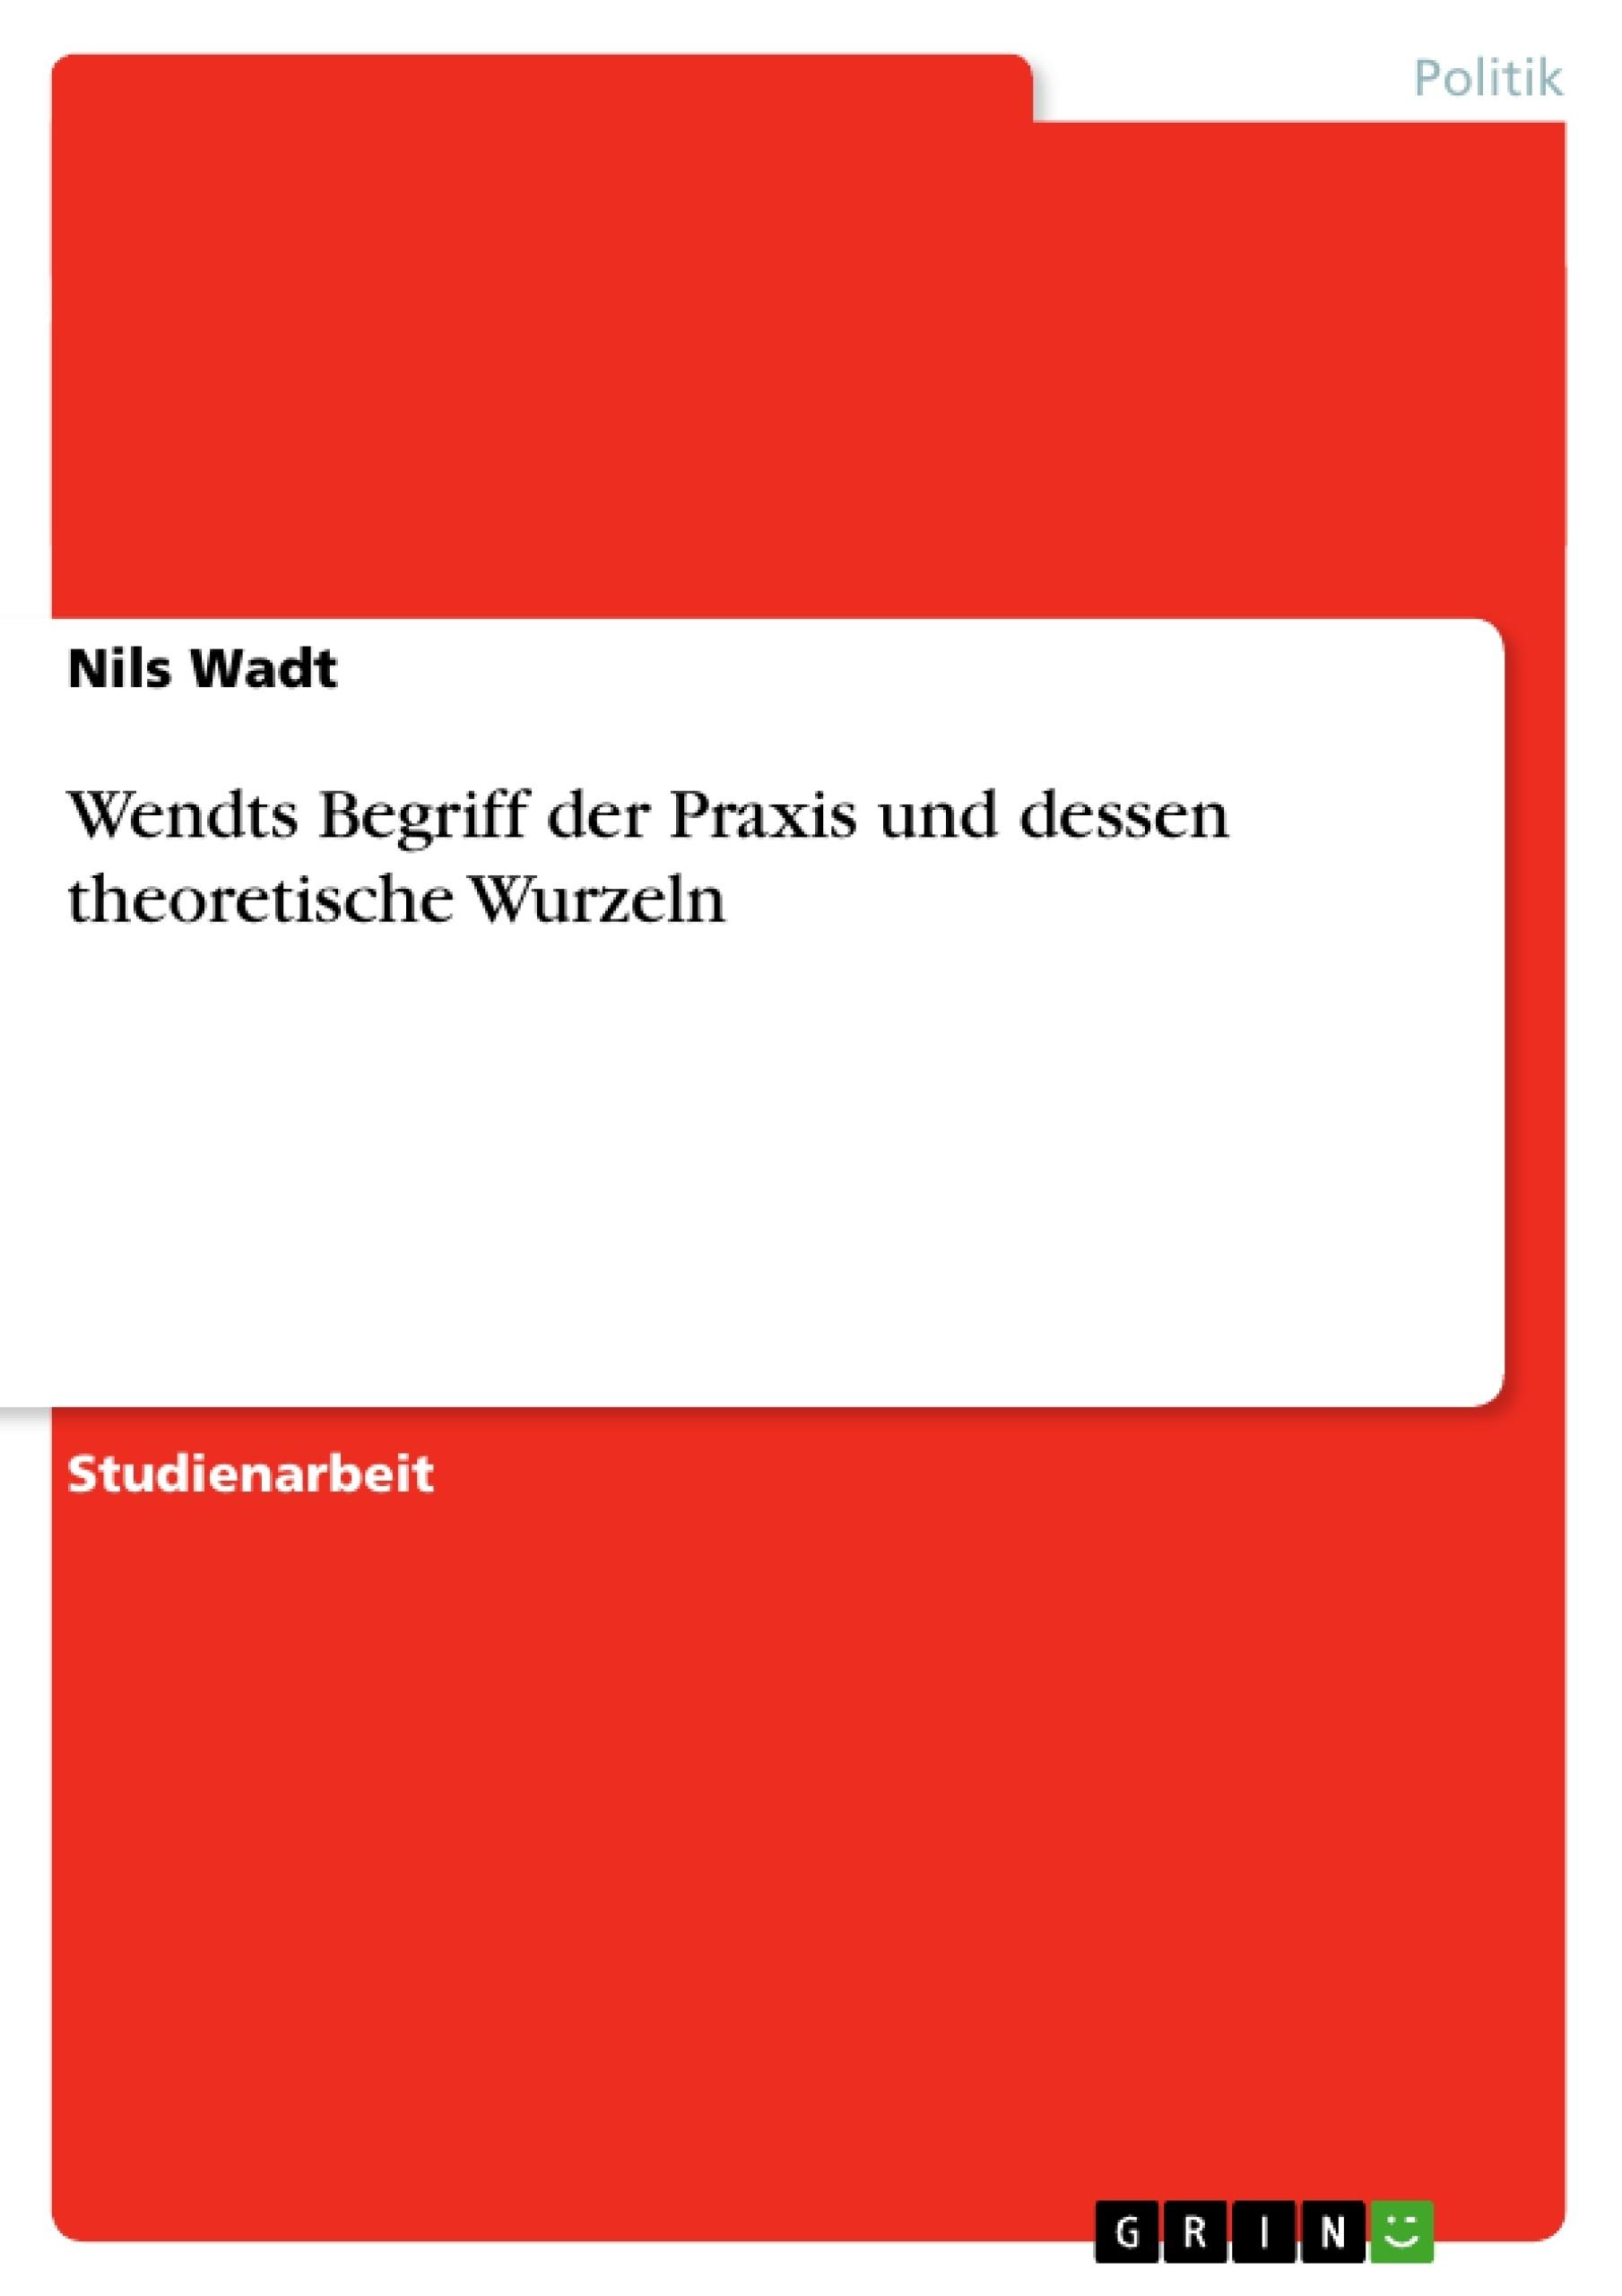 Titel: Wendts Begriff der Praxis und dessen theoretische Wurzeln